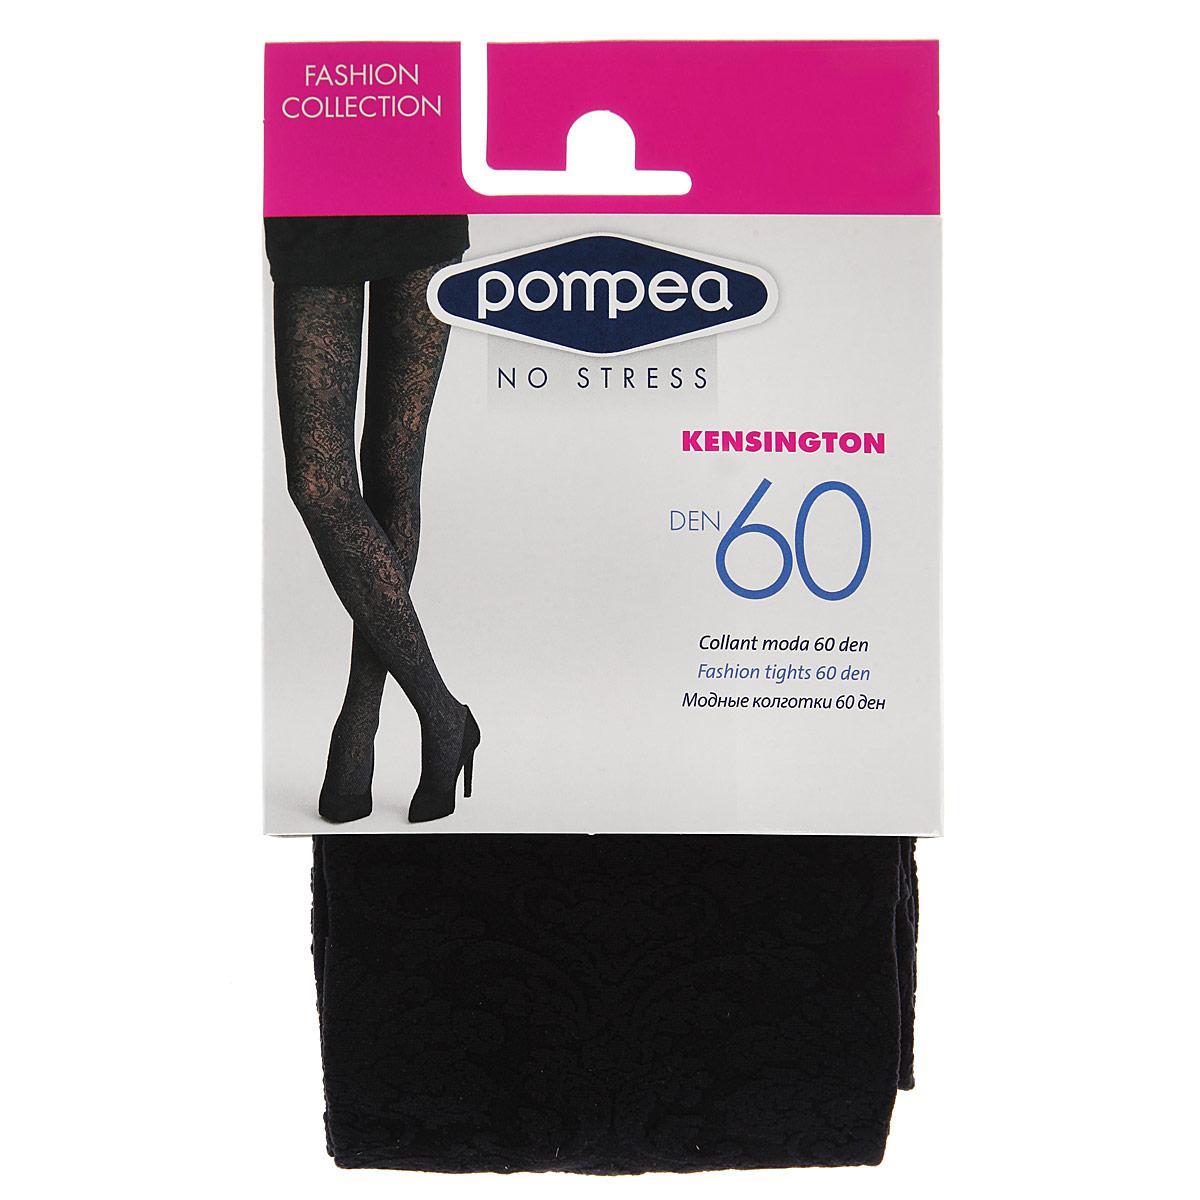 Купить Колготки женские Pompea Kensington Fashion, цвет: Nero (черный). 90768981. Размер 3-4 (3/4-M/L)